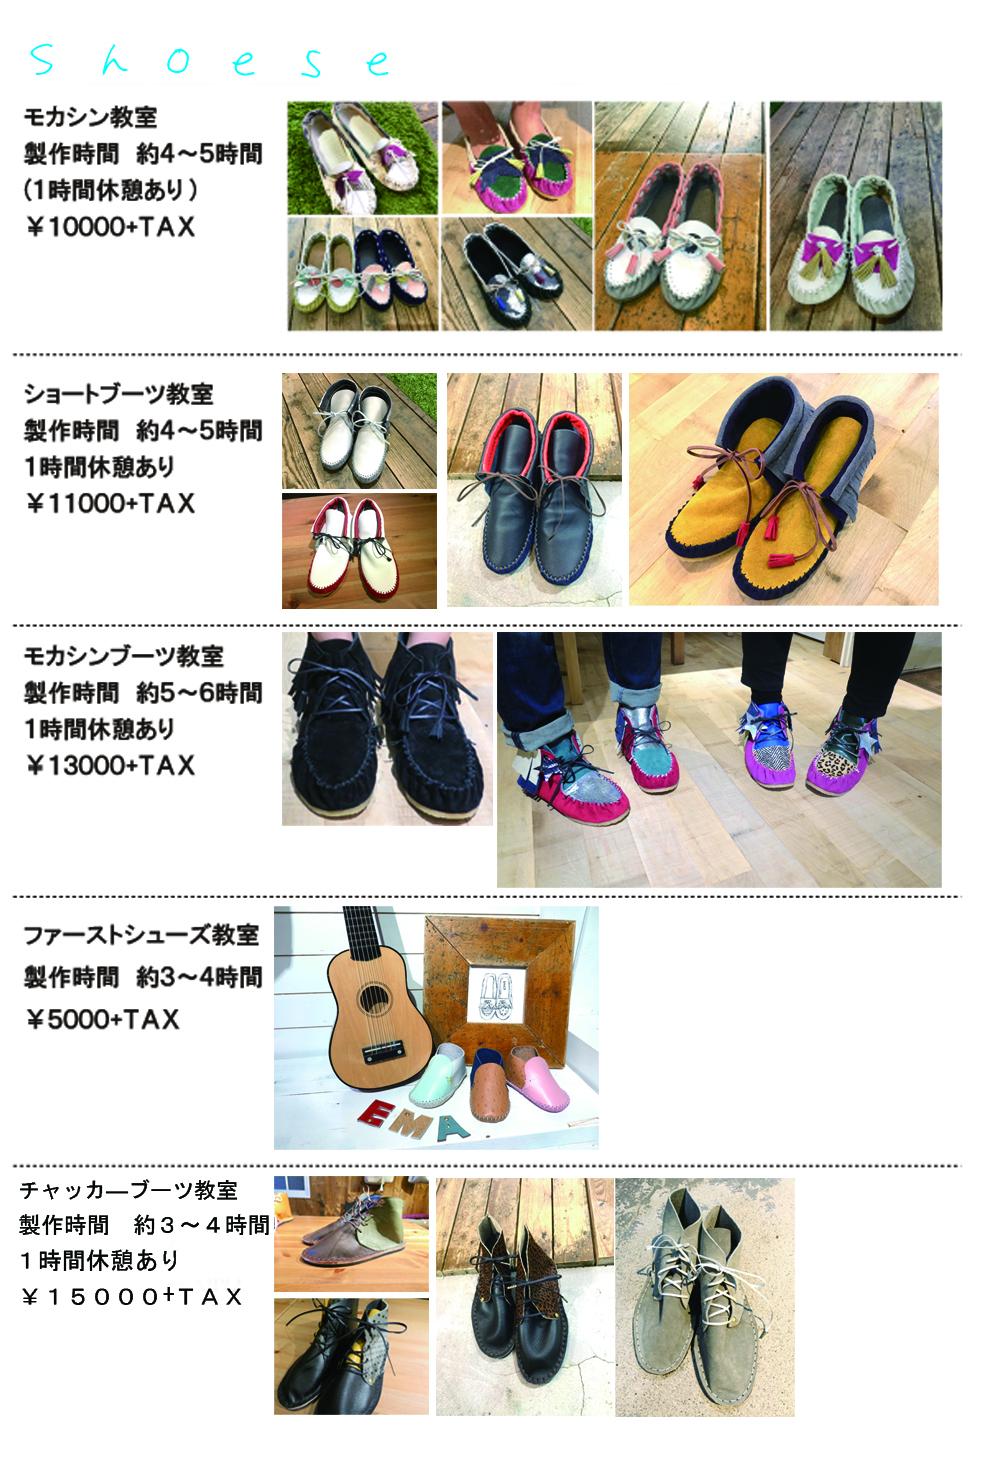 教室靴のコピー